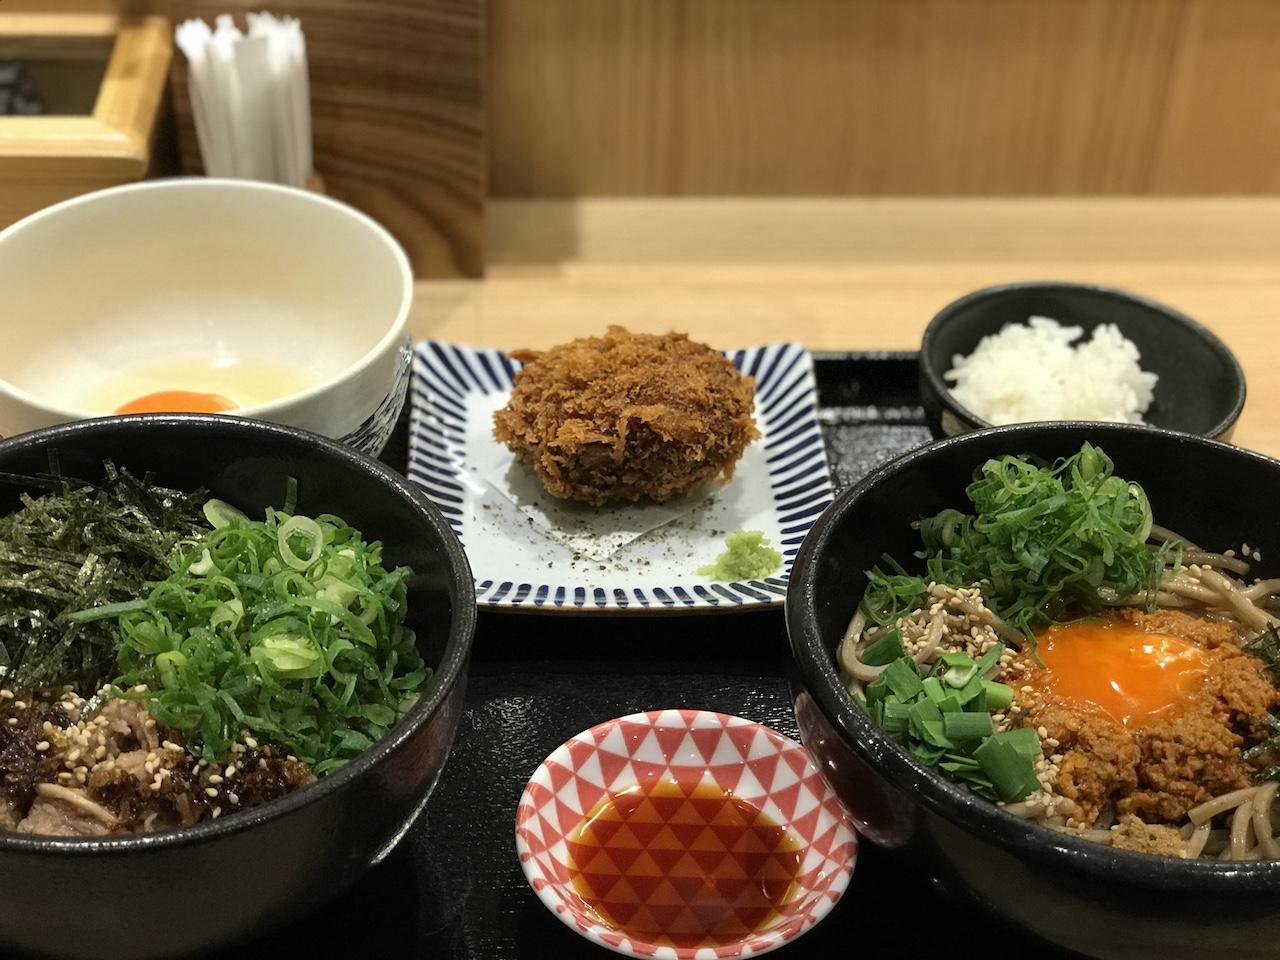 【肉そば・ごん@虎ノ門】お蕎麦というよりラーメンに近い肉そばランチ!